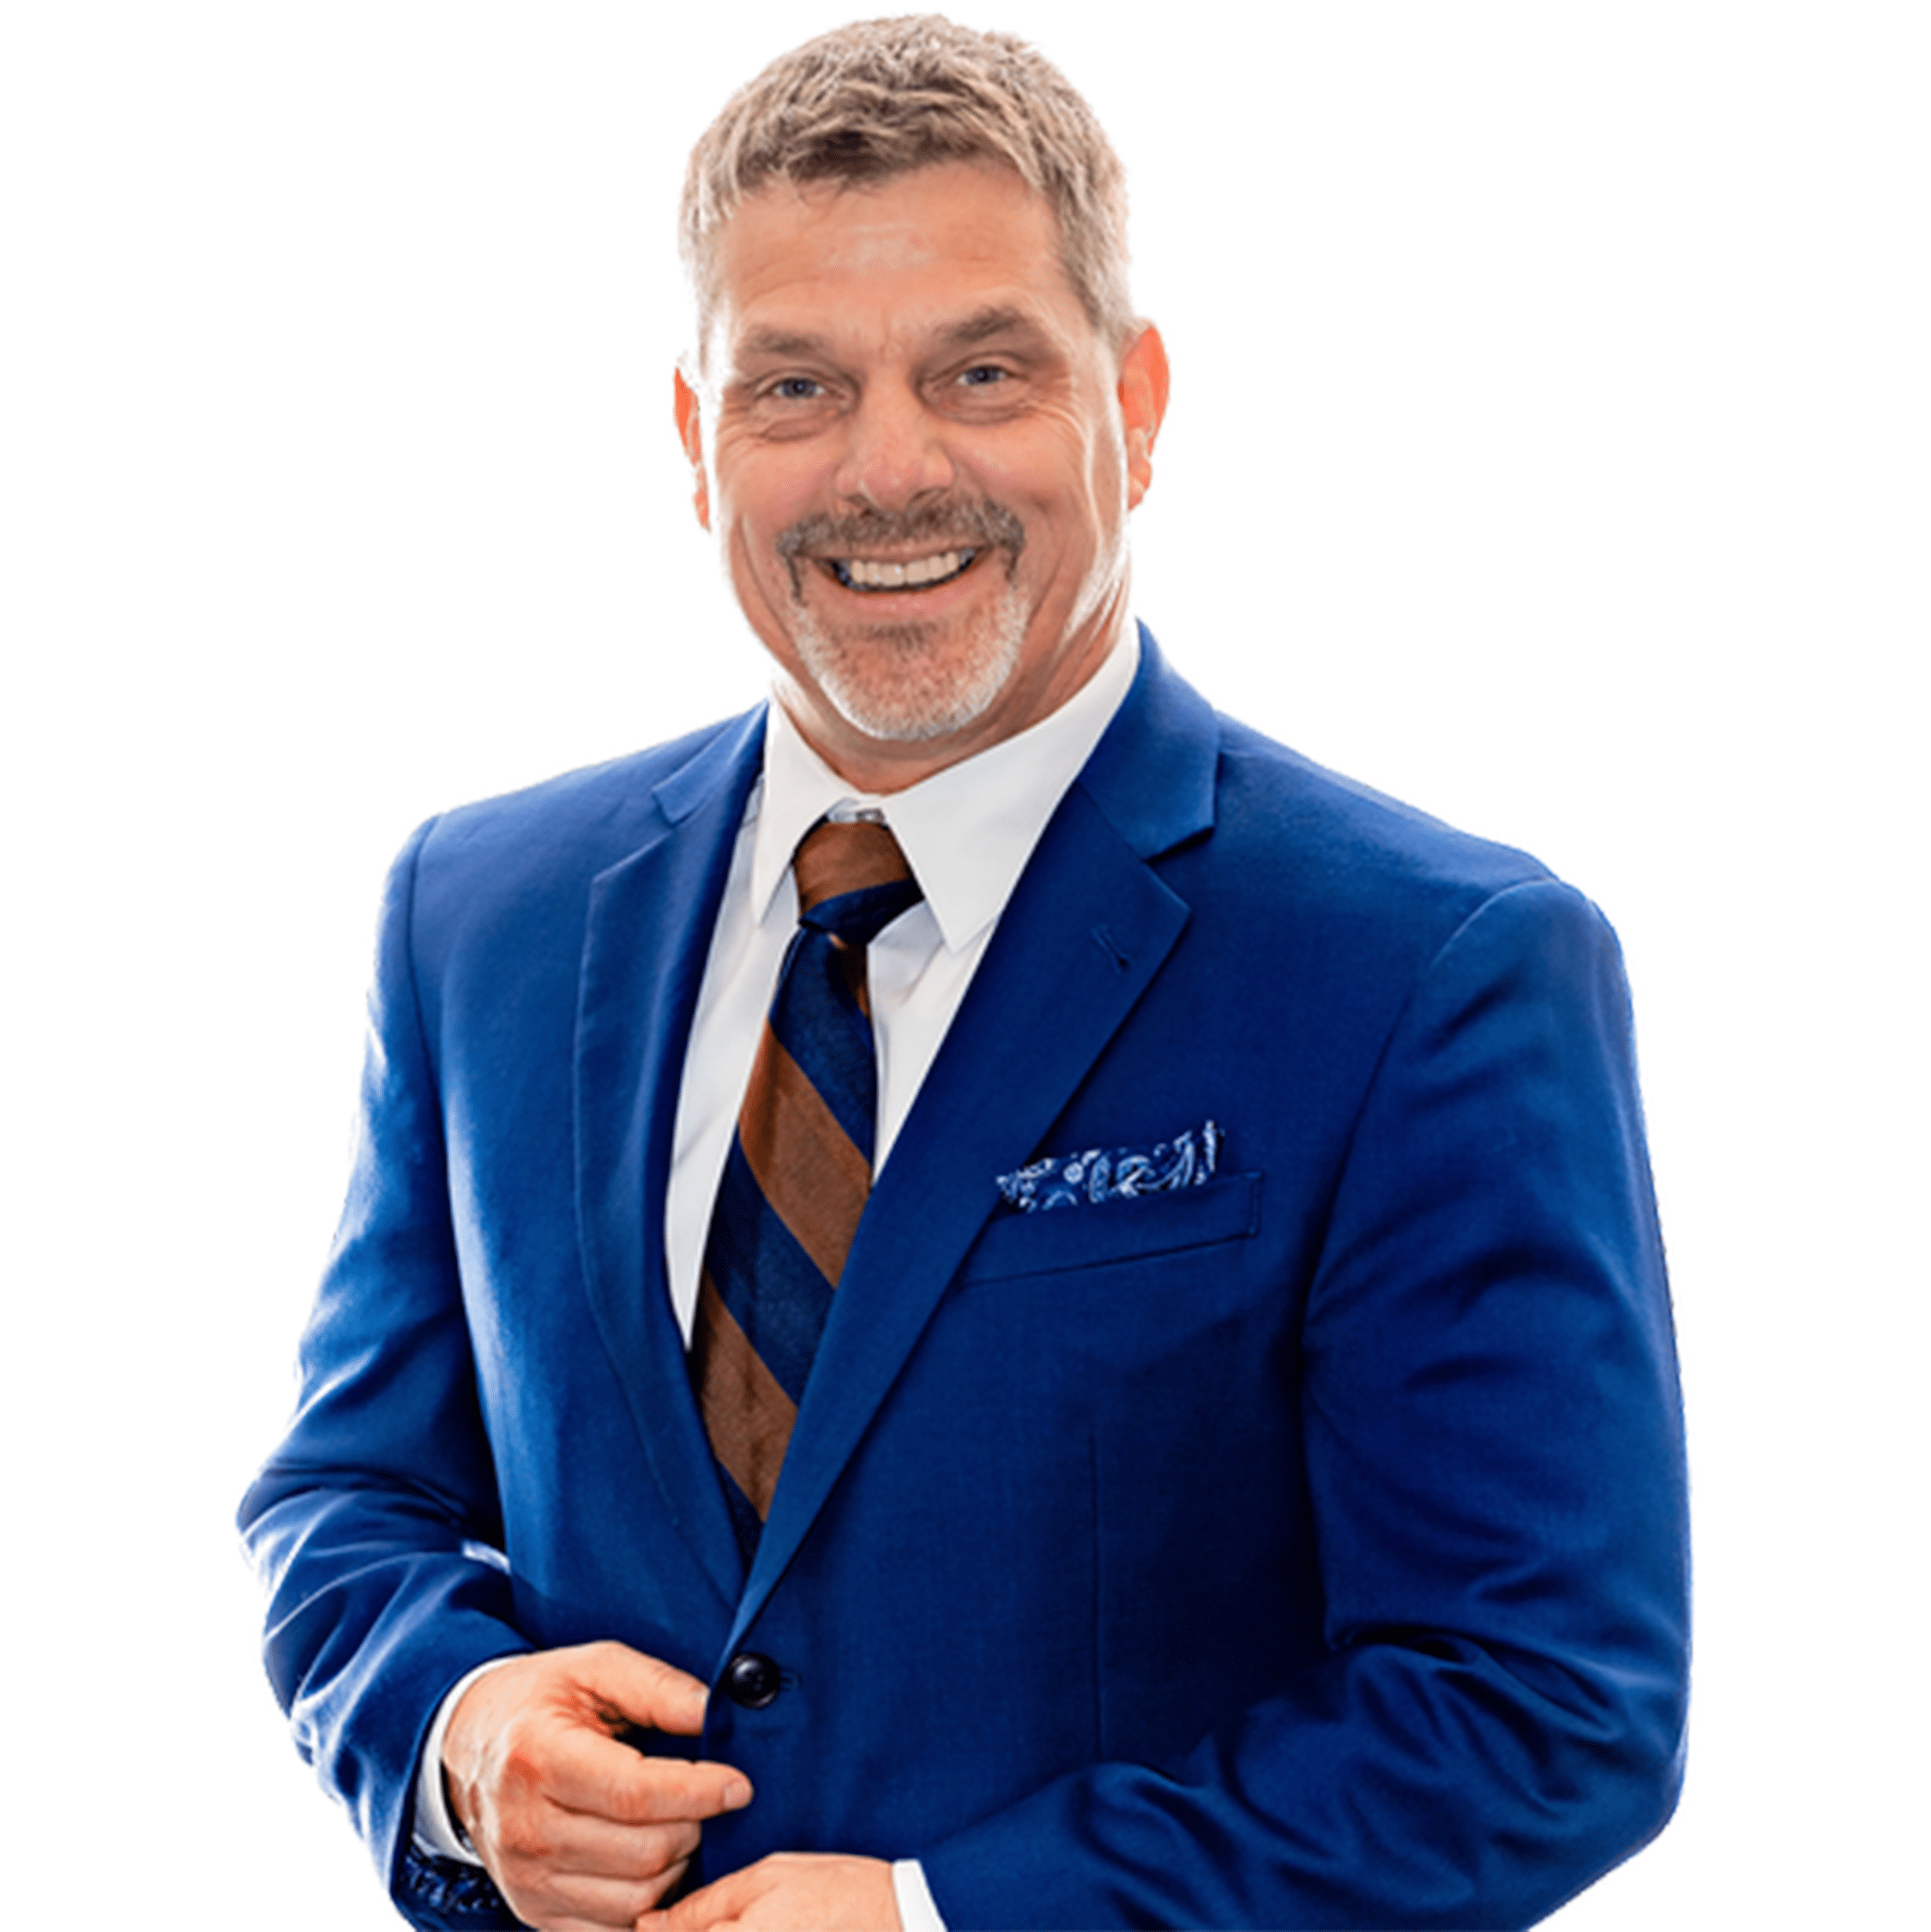 Al Alper | CEO of Absolute Logic, Inc